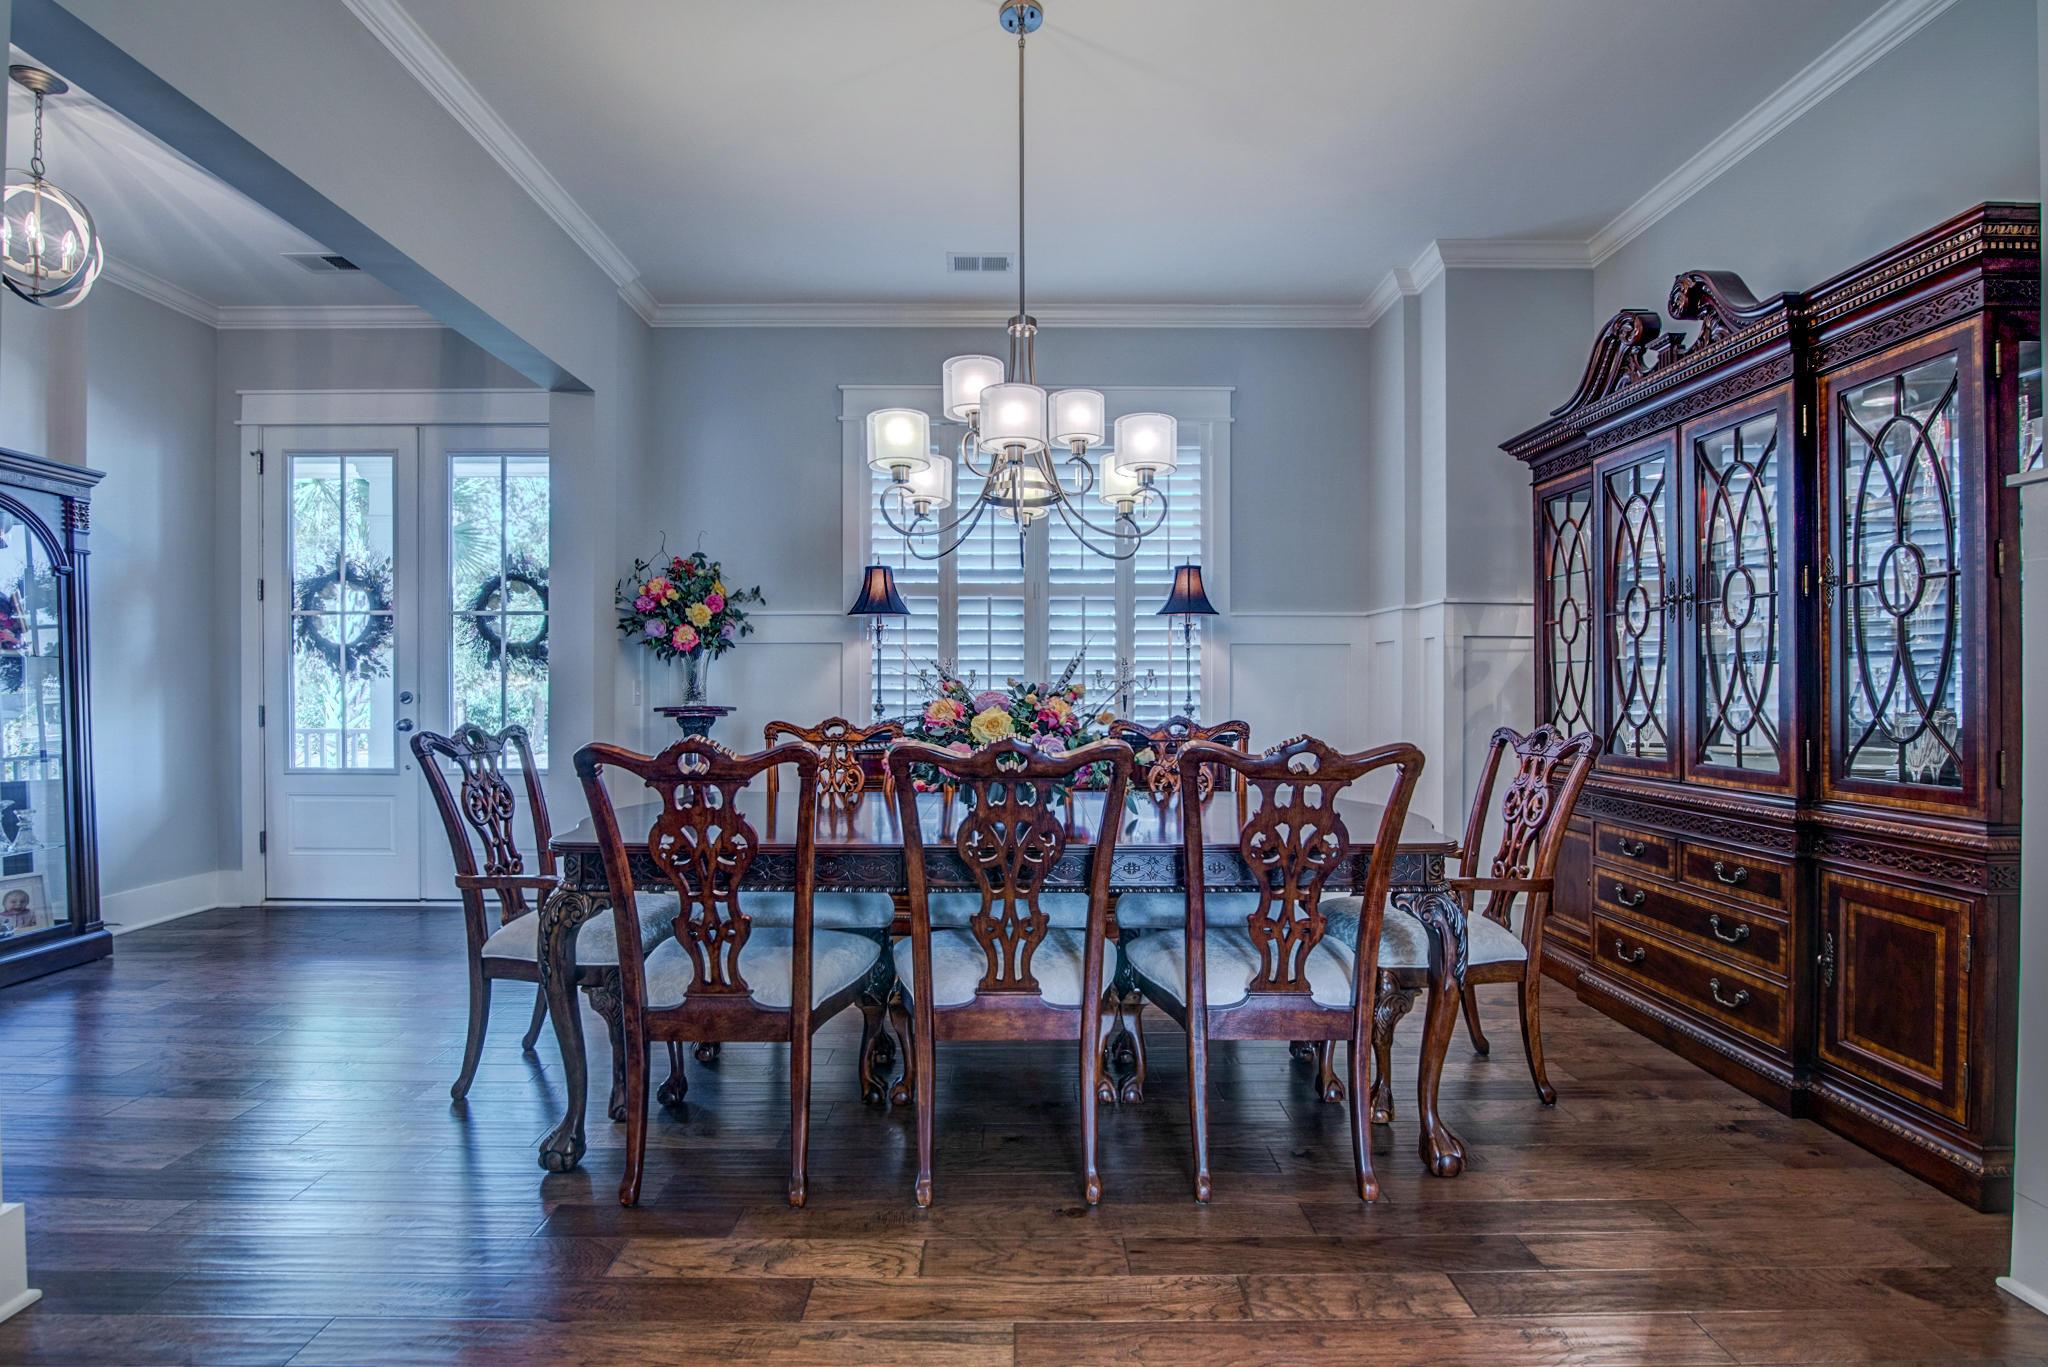 Dunes West Homes For Sale - 2883 River Vista, Mount Pleasant, SC - 56